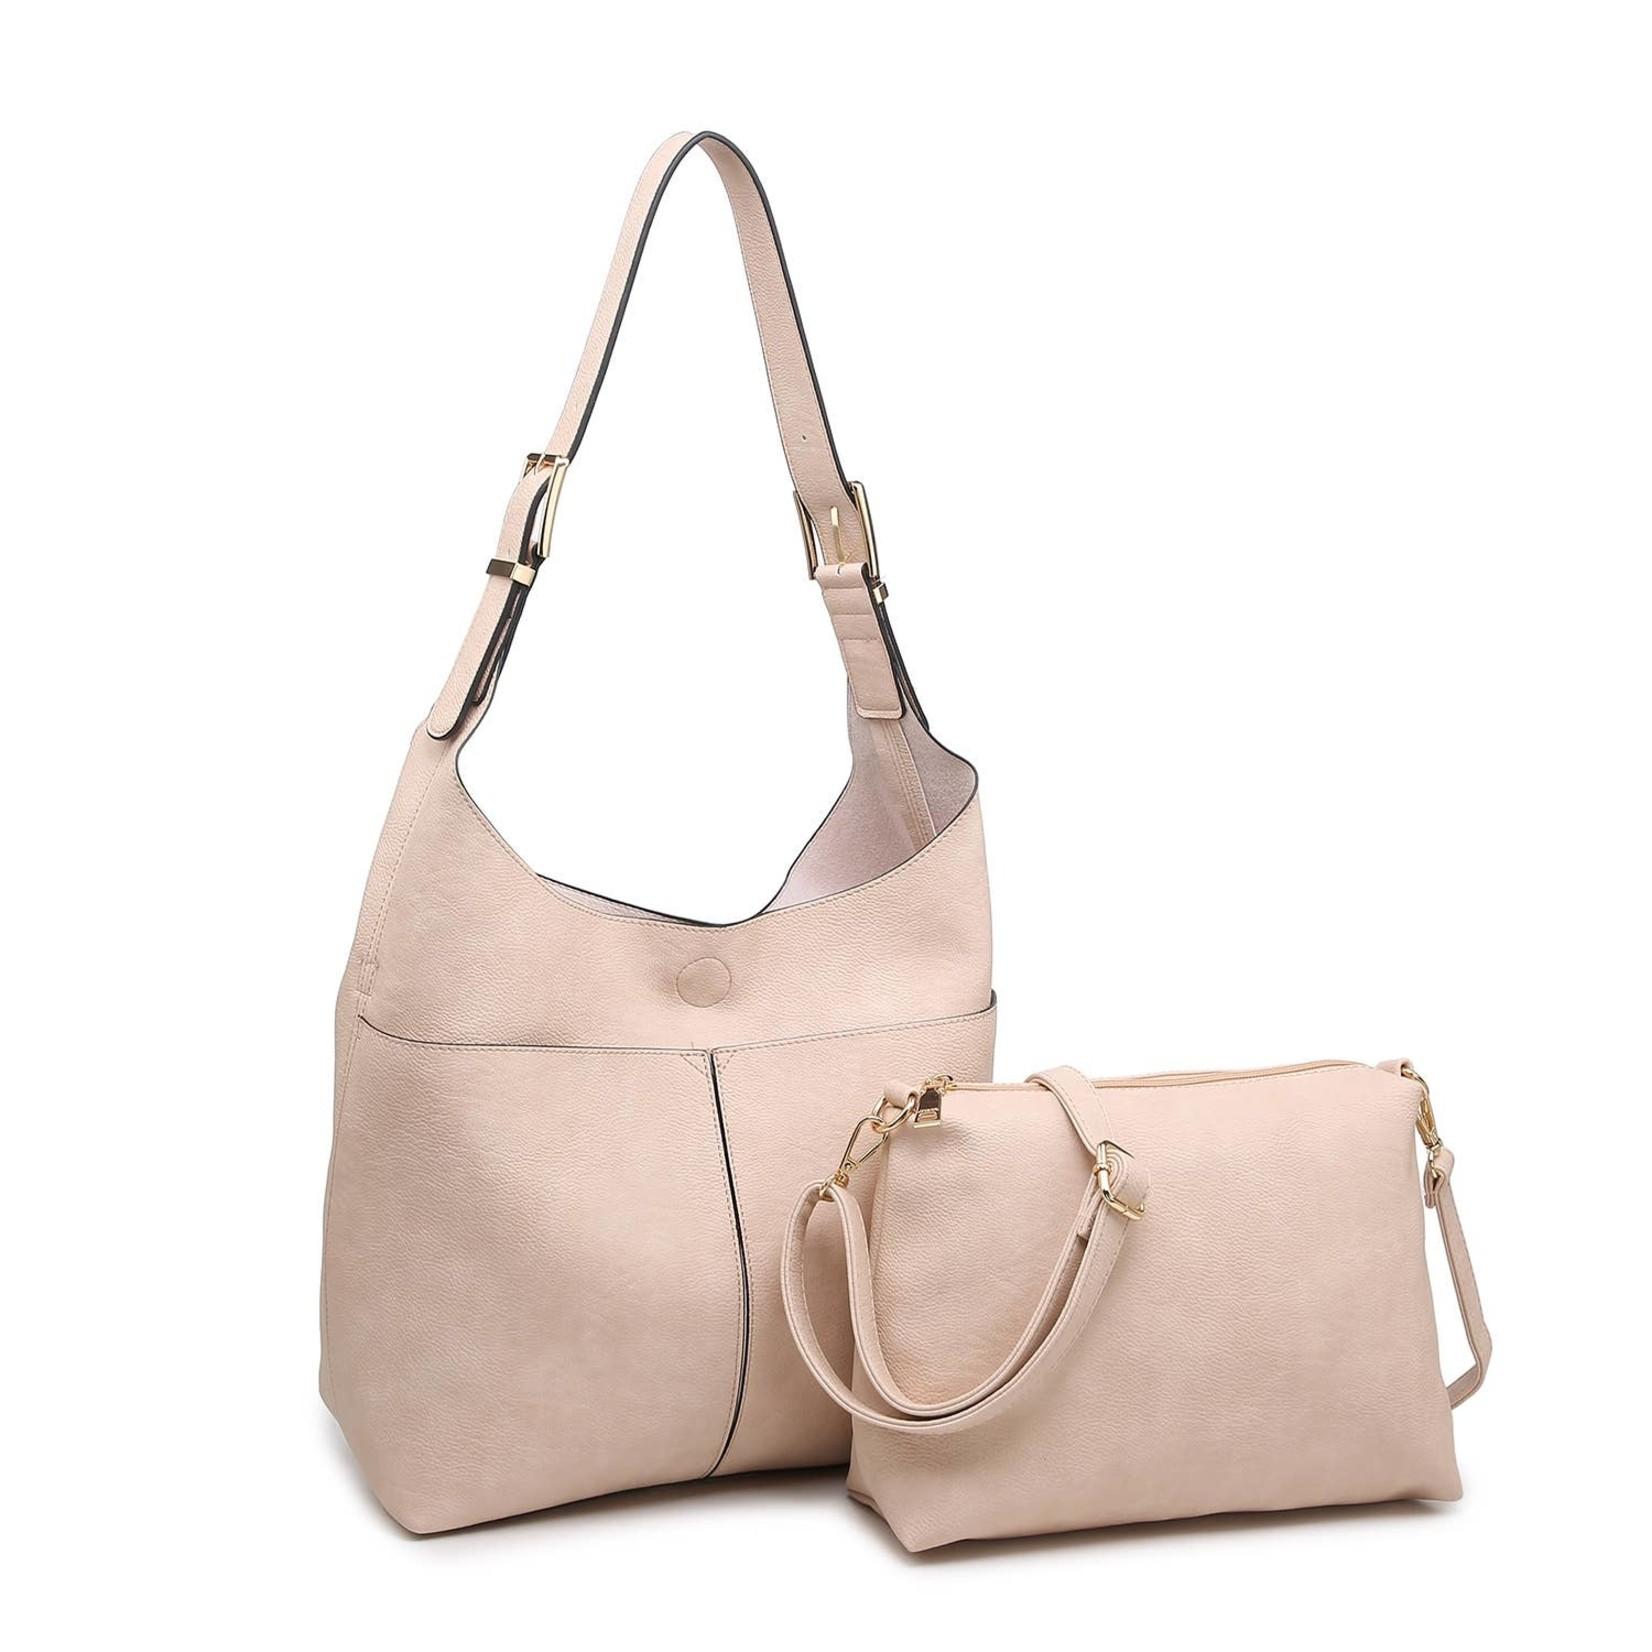 Ida Slouchy Hobo Bag w/Adjustable Strap in Blush